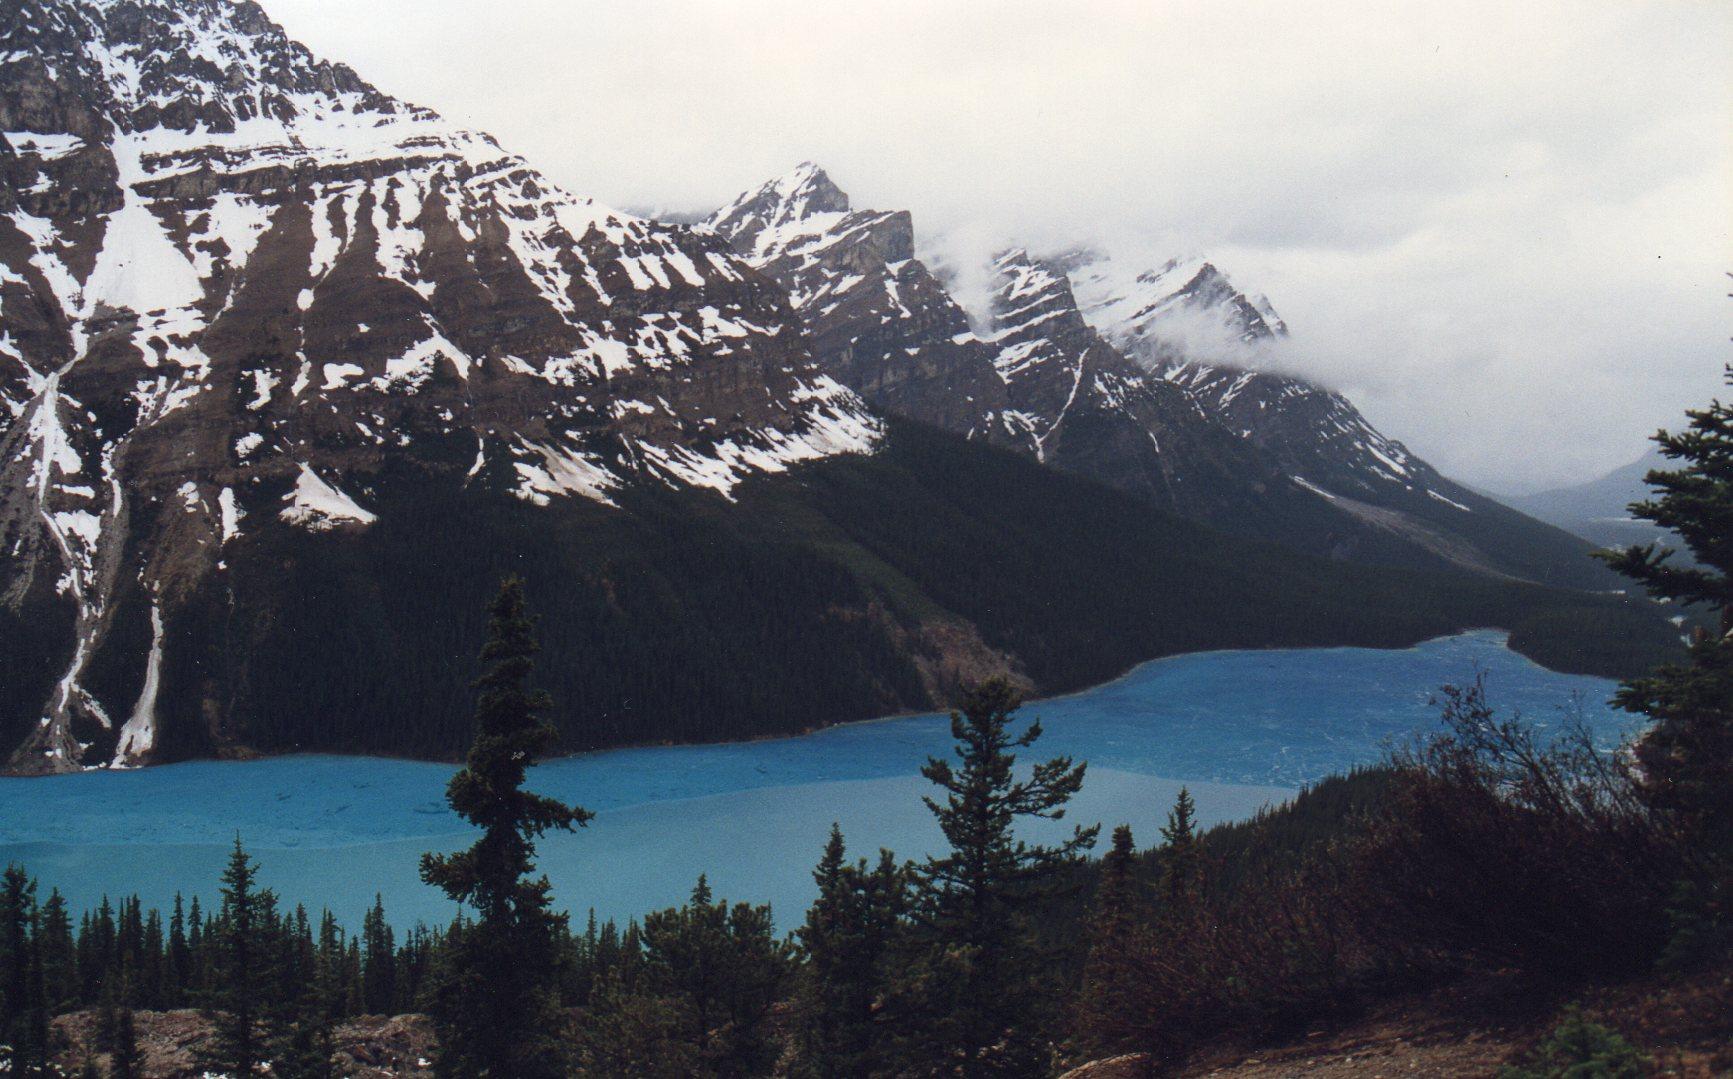 Peyto Lake, mas poderia se chamar Wow!, pois é o que todos pensam ou dizem quando o veem!